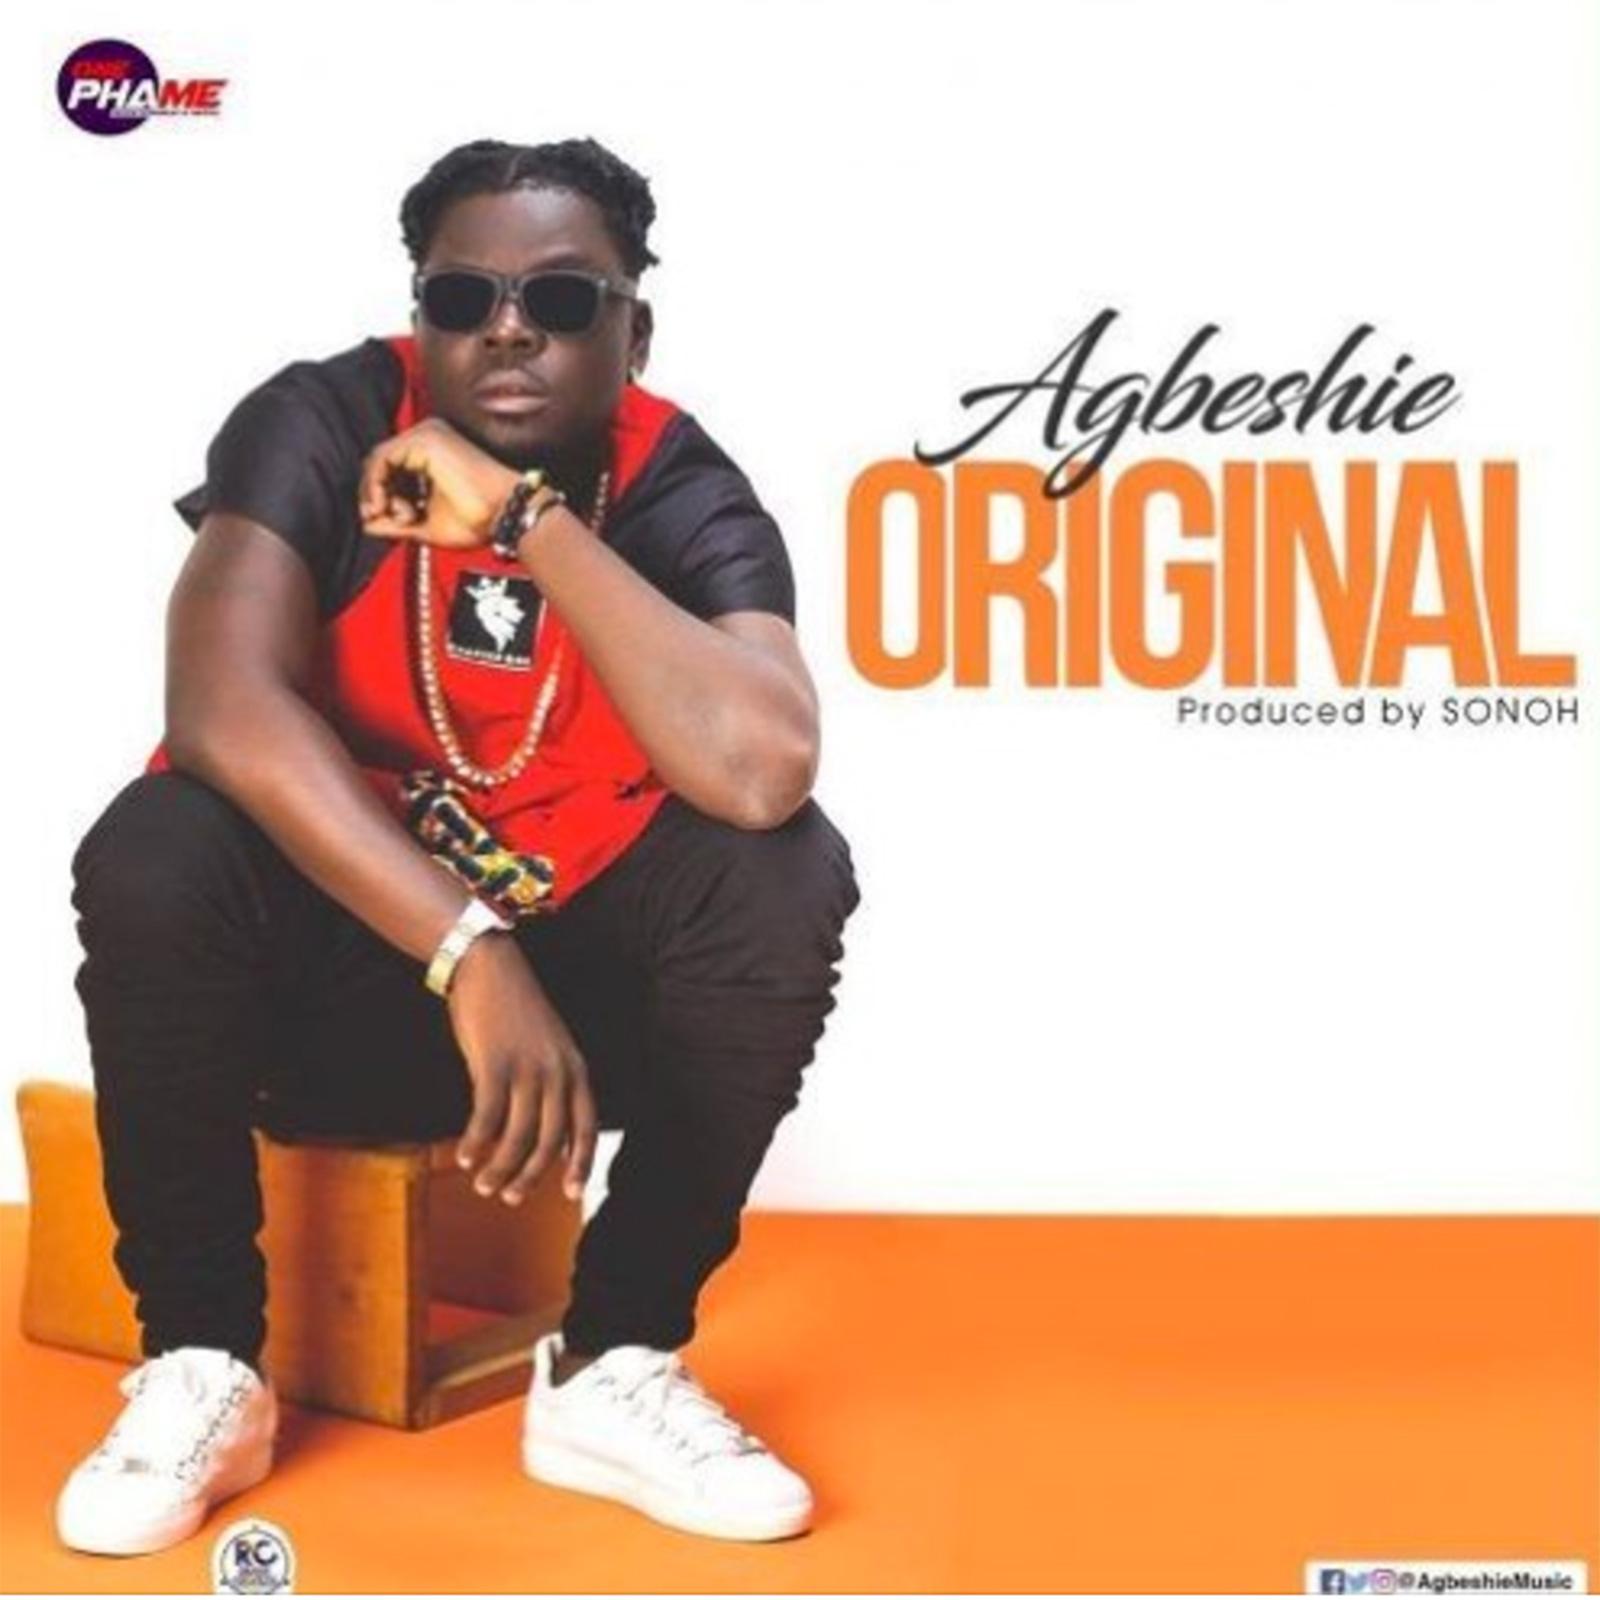 Original by Agbeshie